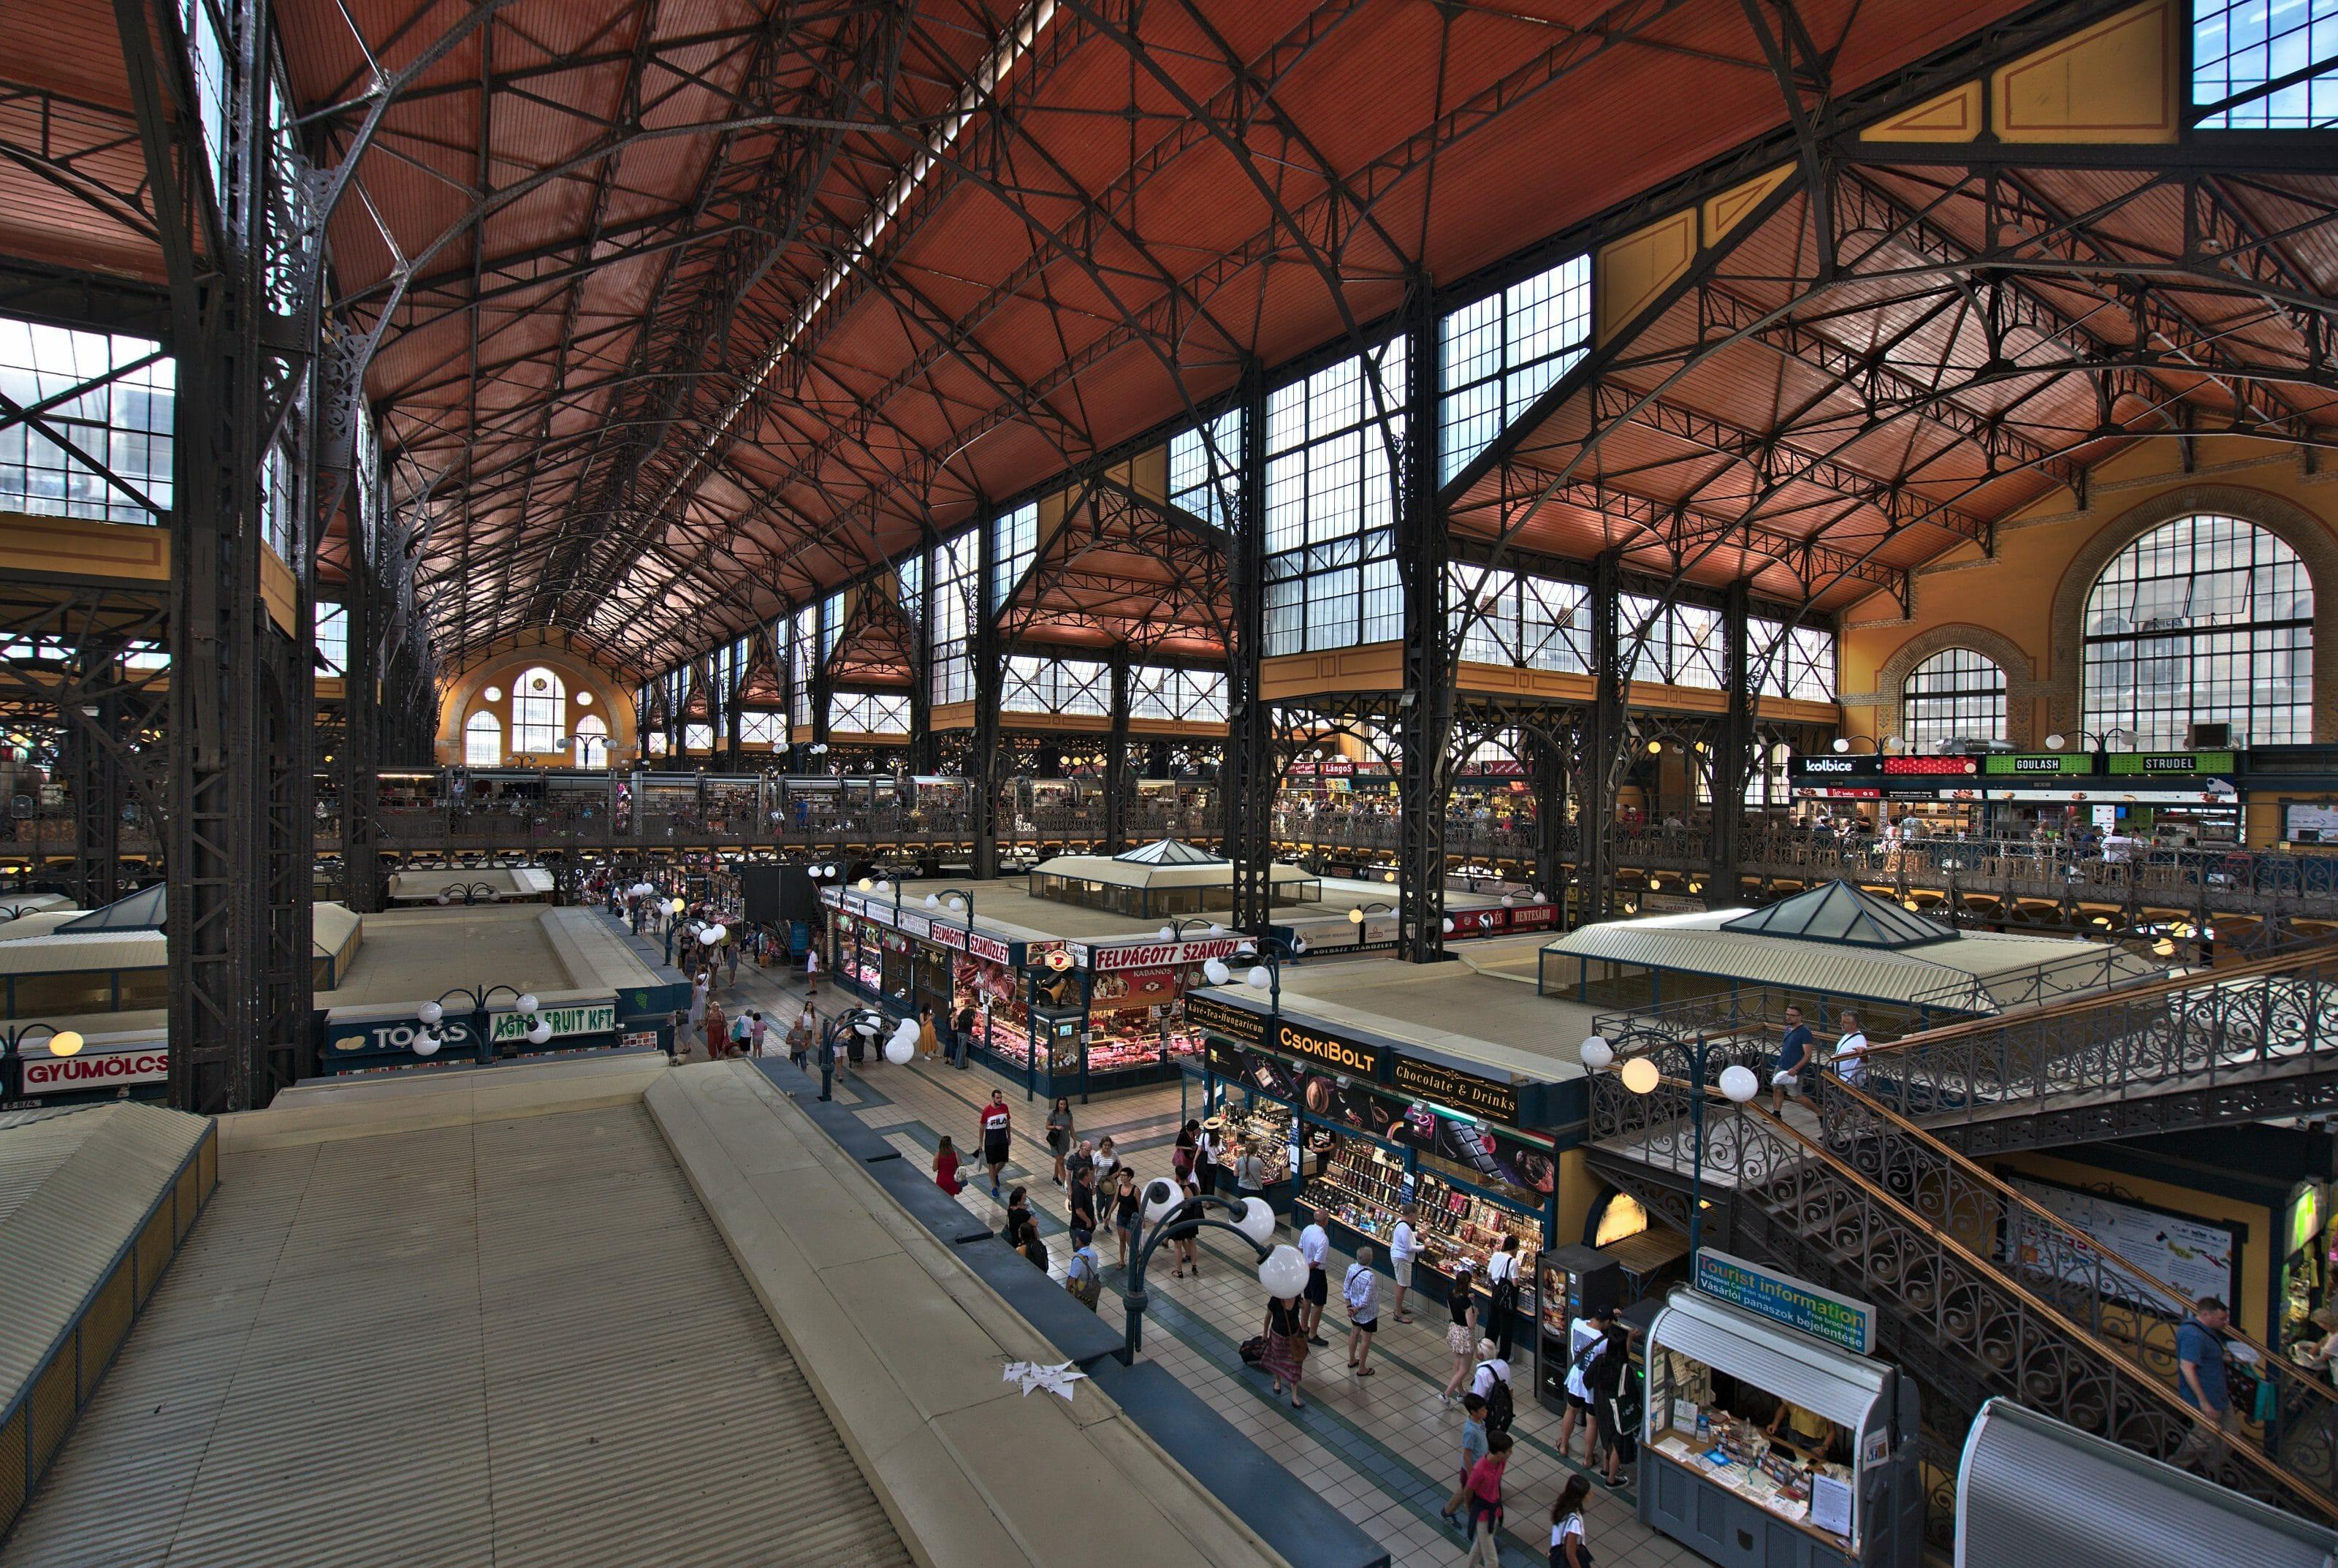 Budapest covered market